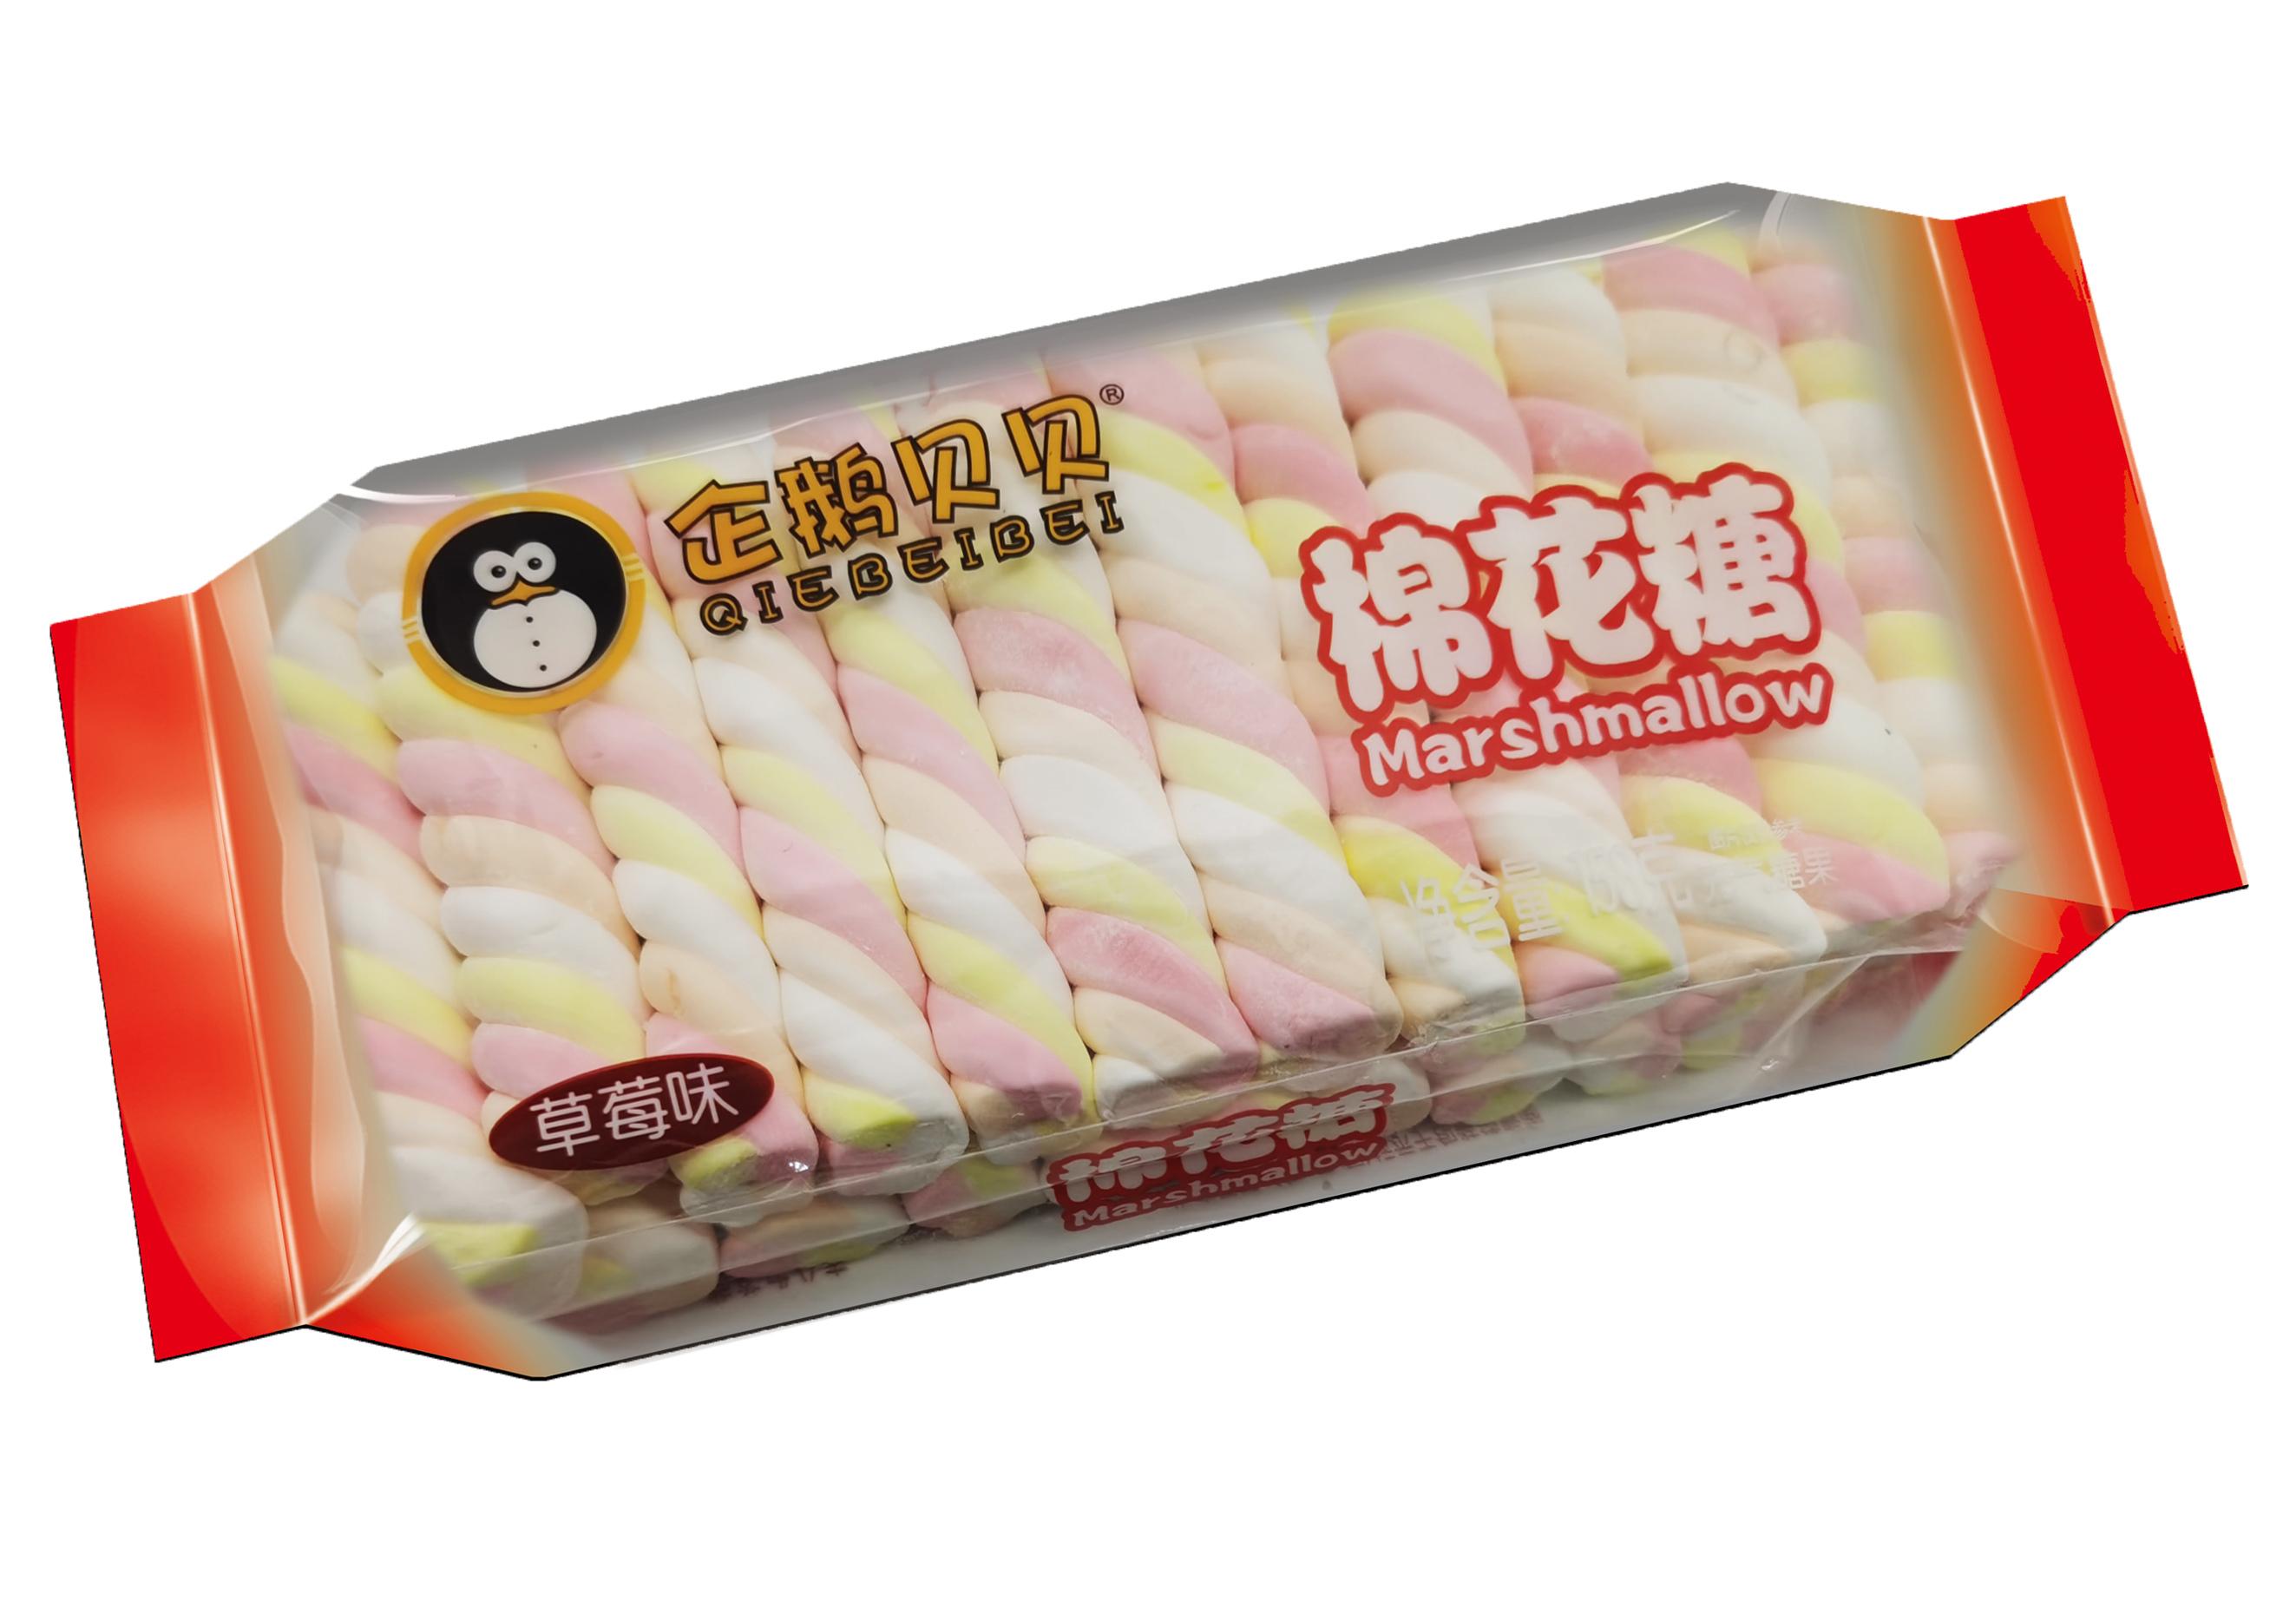 企鹅贝贝150克枕式棉花糖草莓味